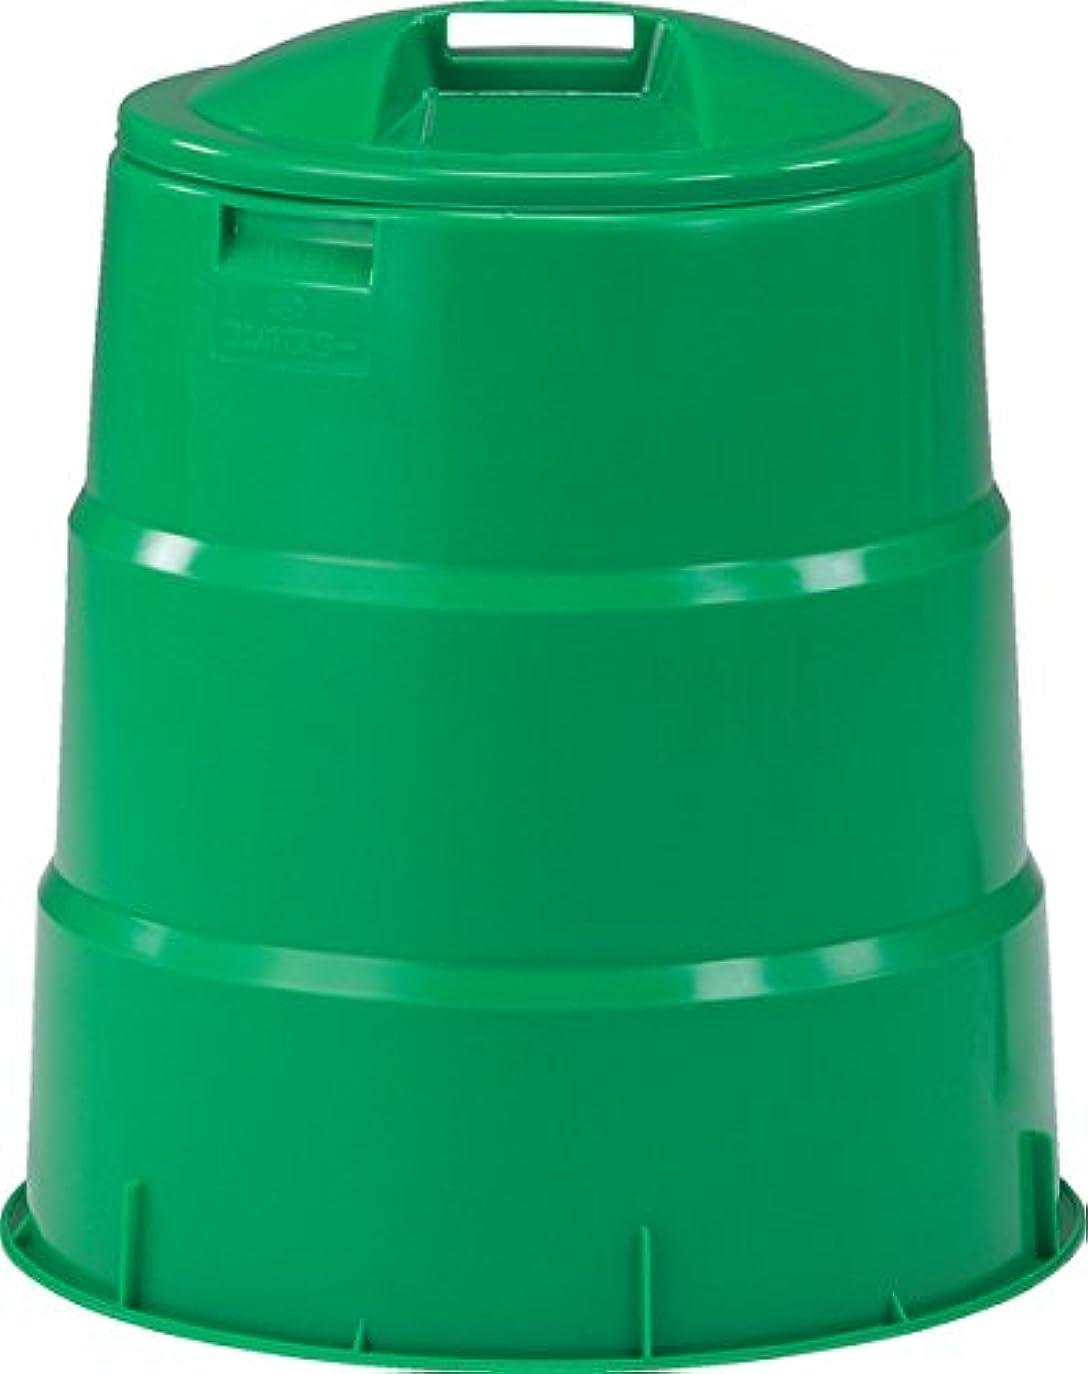 フットボール精神負担三甲 サンコー 生ゴミ処理容器 コンポスター130型 805039-01 グリーン